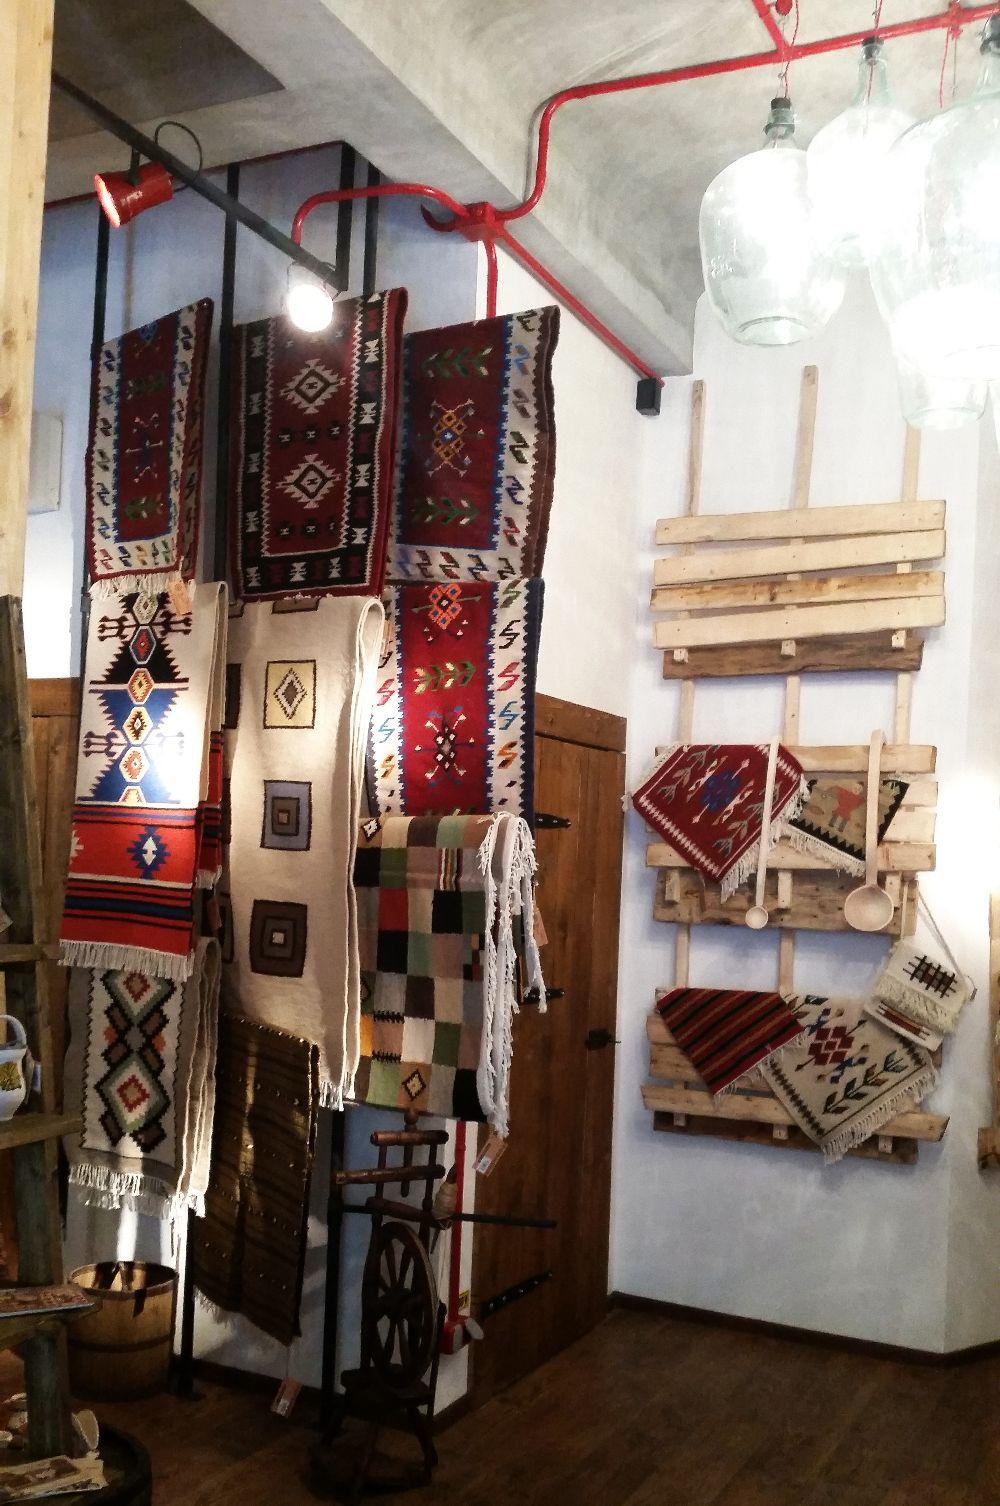 adelaparvu.com despremagazin cu obiecte traditionale, My Romanian Store Bucharest (12)